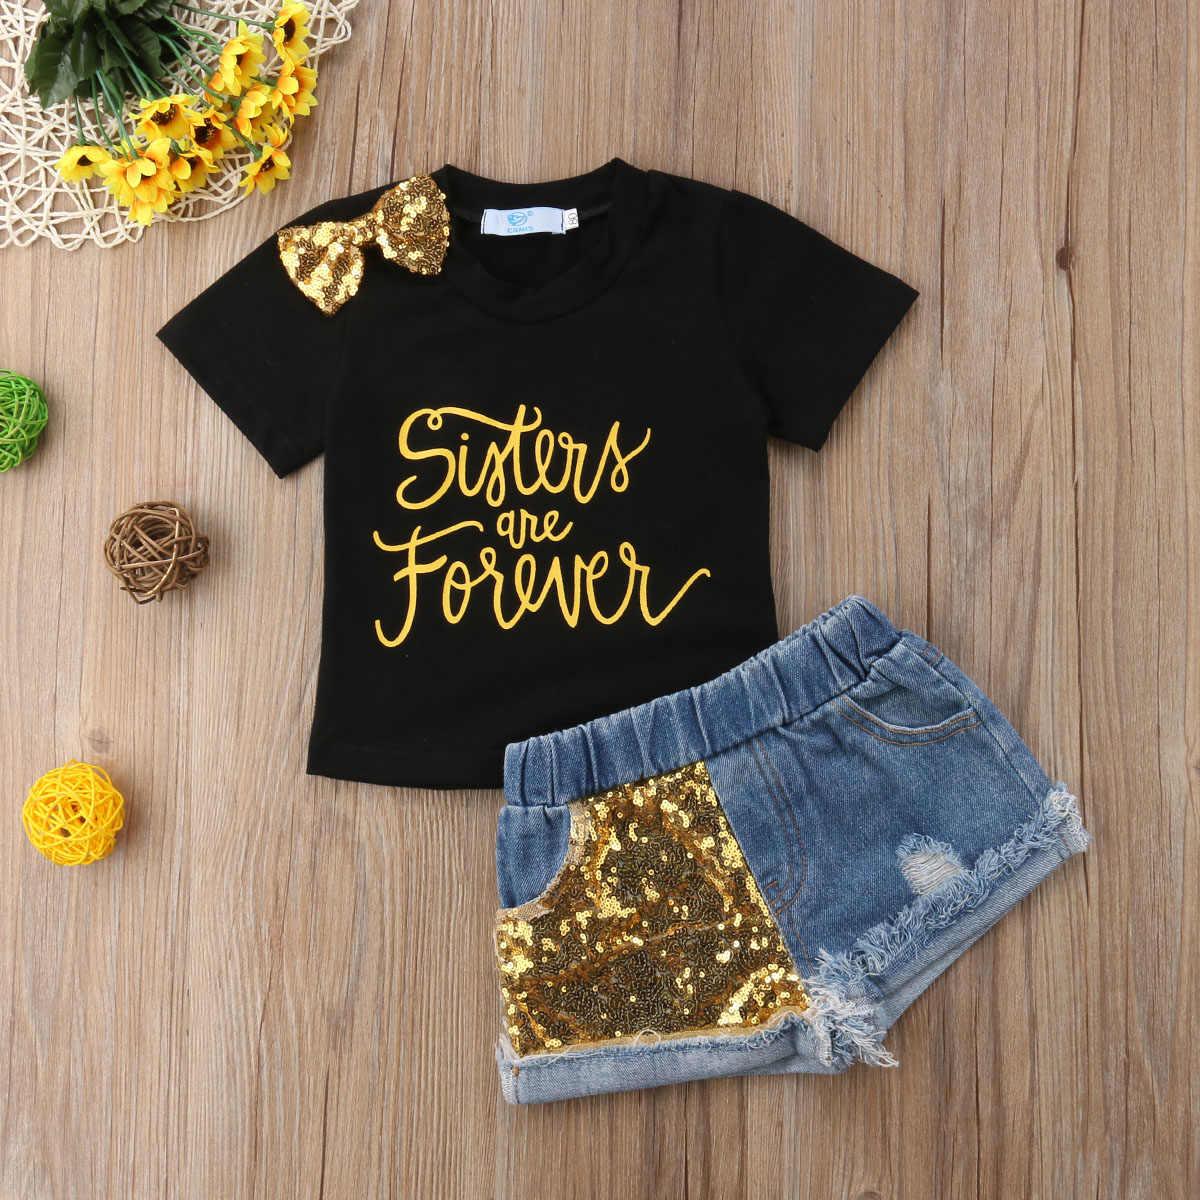 69e0211244a8 2018 niños bebé niña Bowknot camisetas Top negro + lentejuelas oro  pantalones vaqueros ropa conjunto de moda de verano